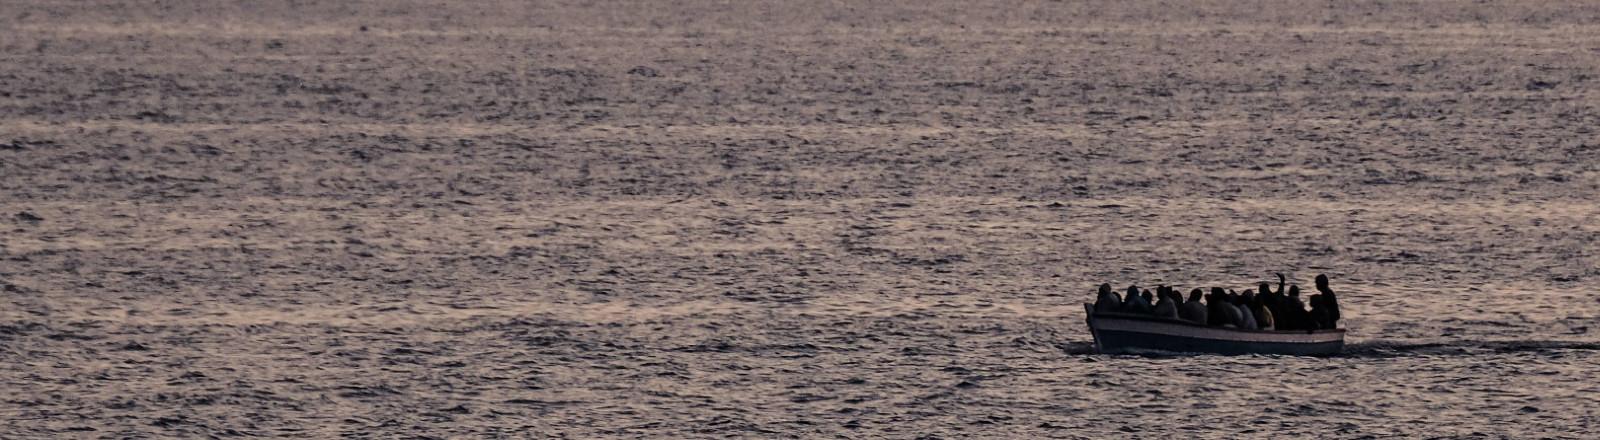 Boot mit Geflüchteten 2017 westlich von Tripolis in Internationalen Gewässer